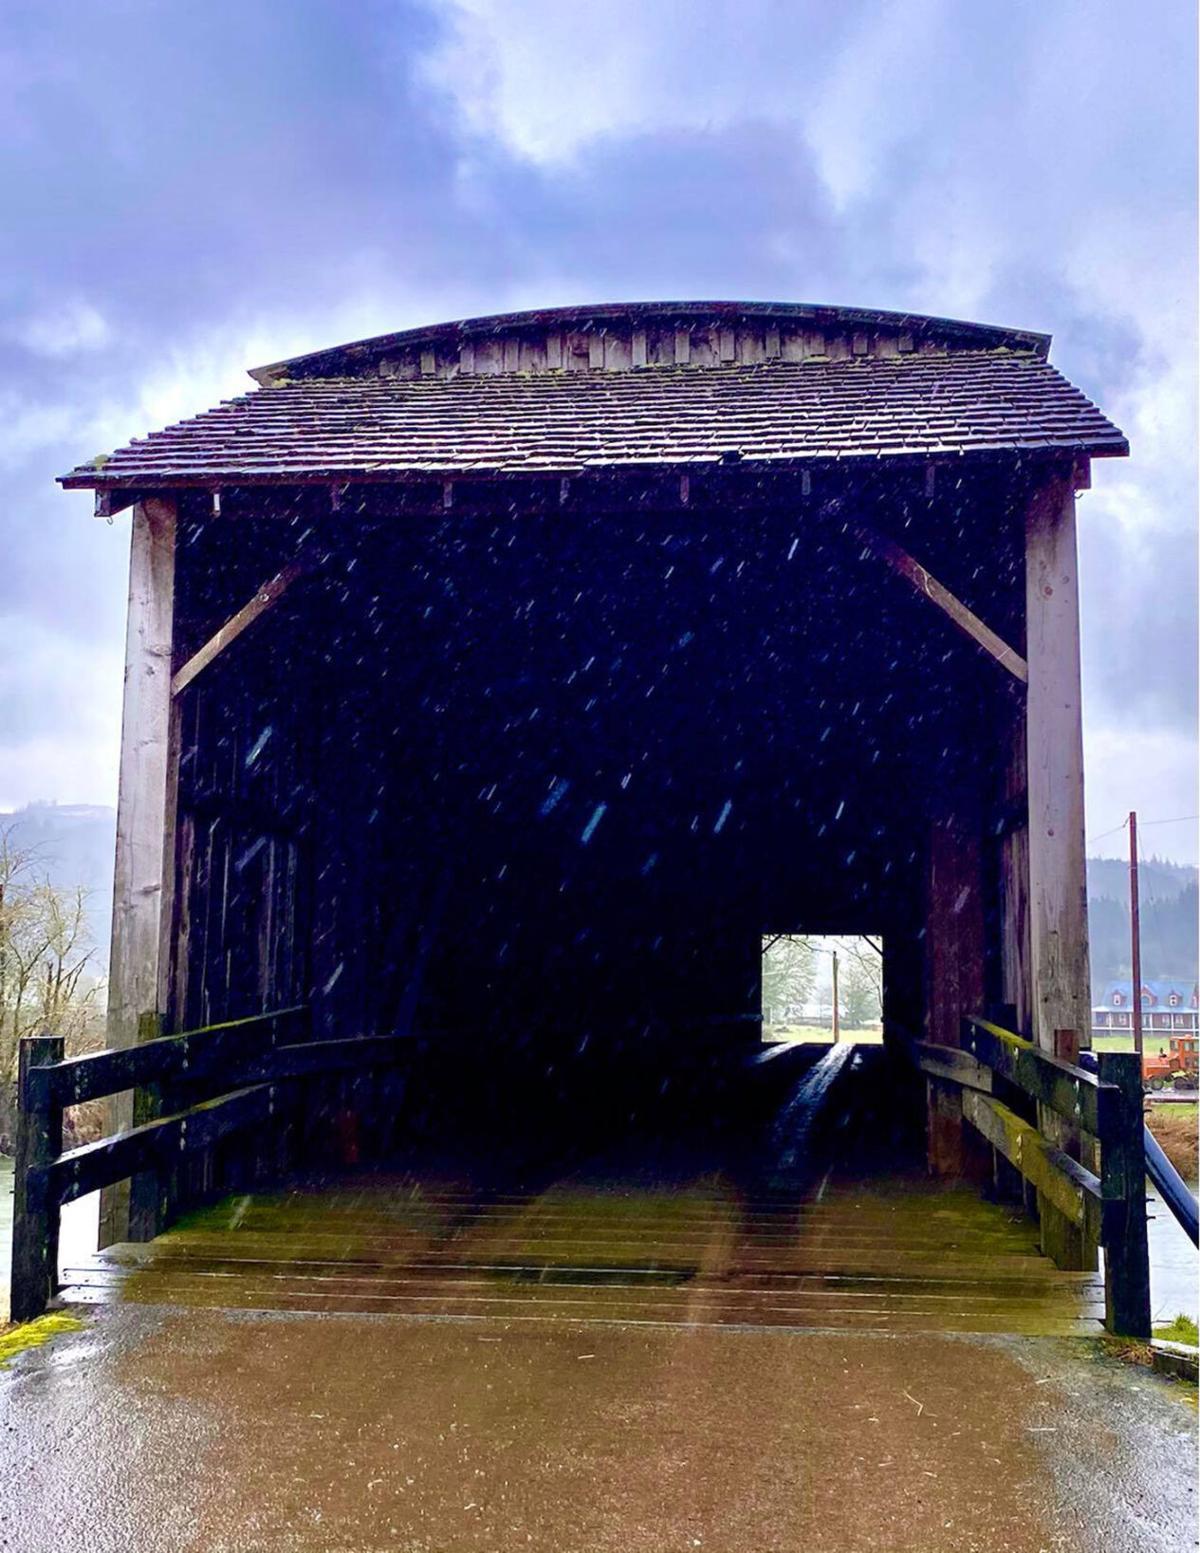 Bridge through view